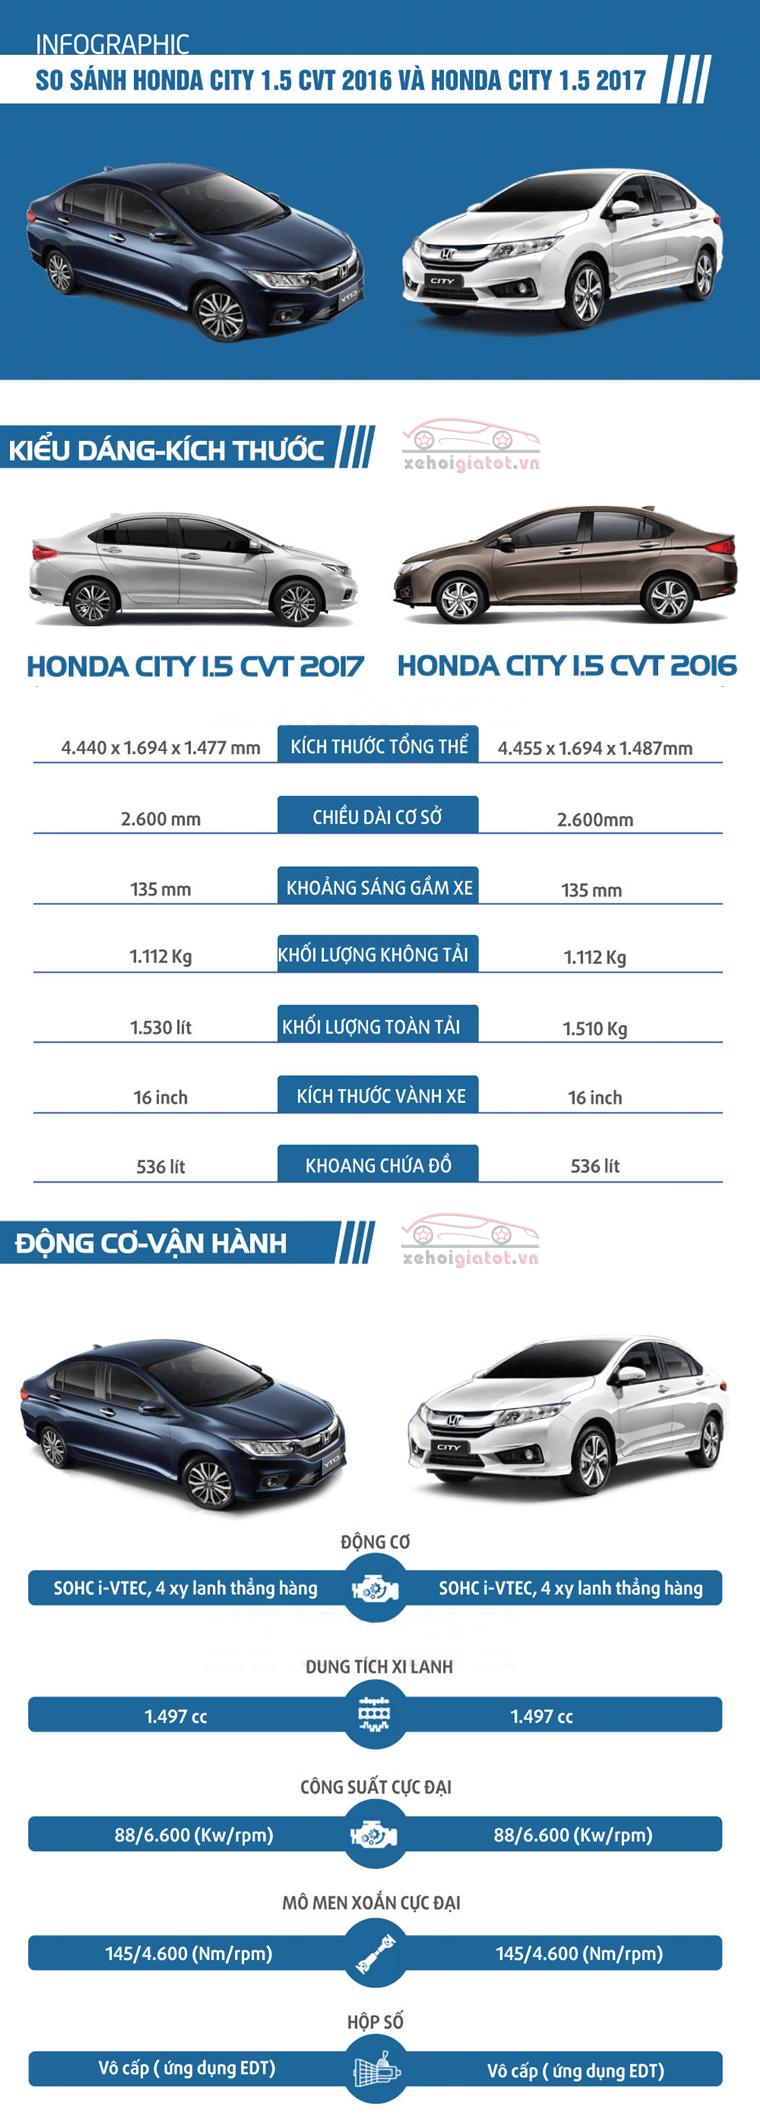 So sánh xe Honda City 2017 và 2016